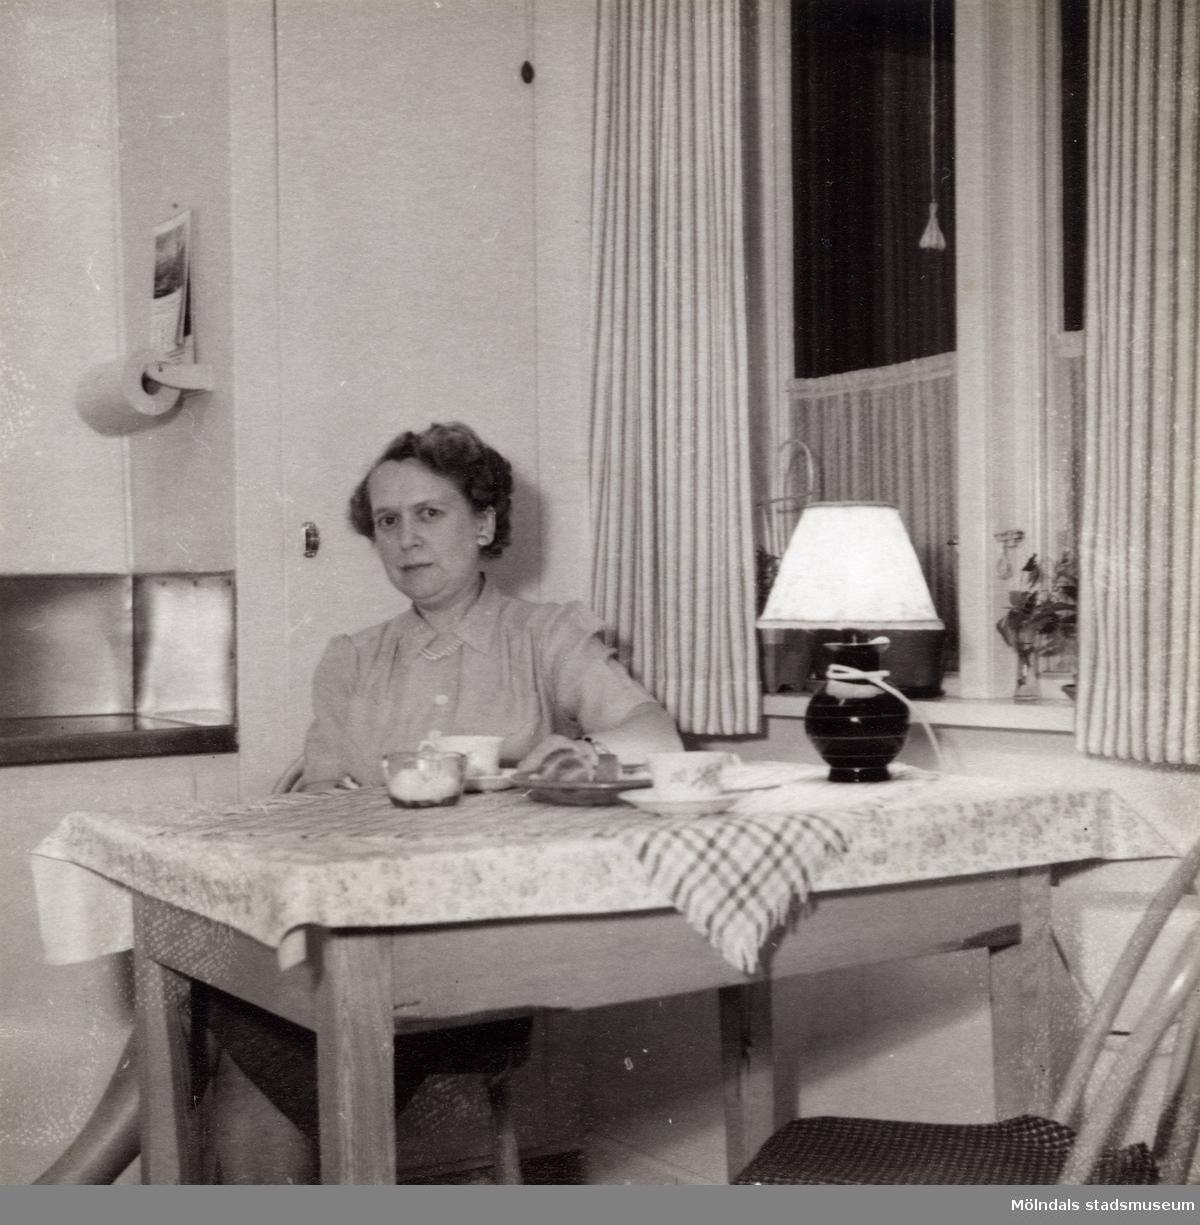 Inga-Lill Börjesson vid köksbordet på 1950-talet. Fotografi innan kylskåp installerats. Se även MMF2013:0049.